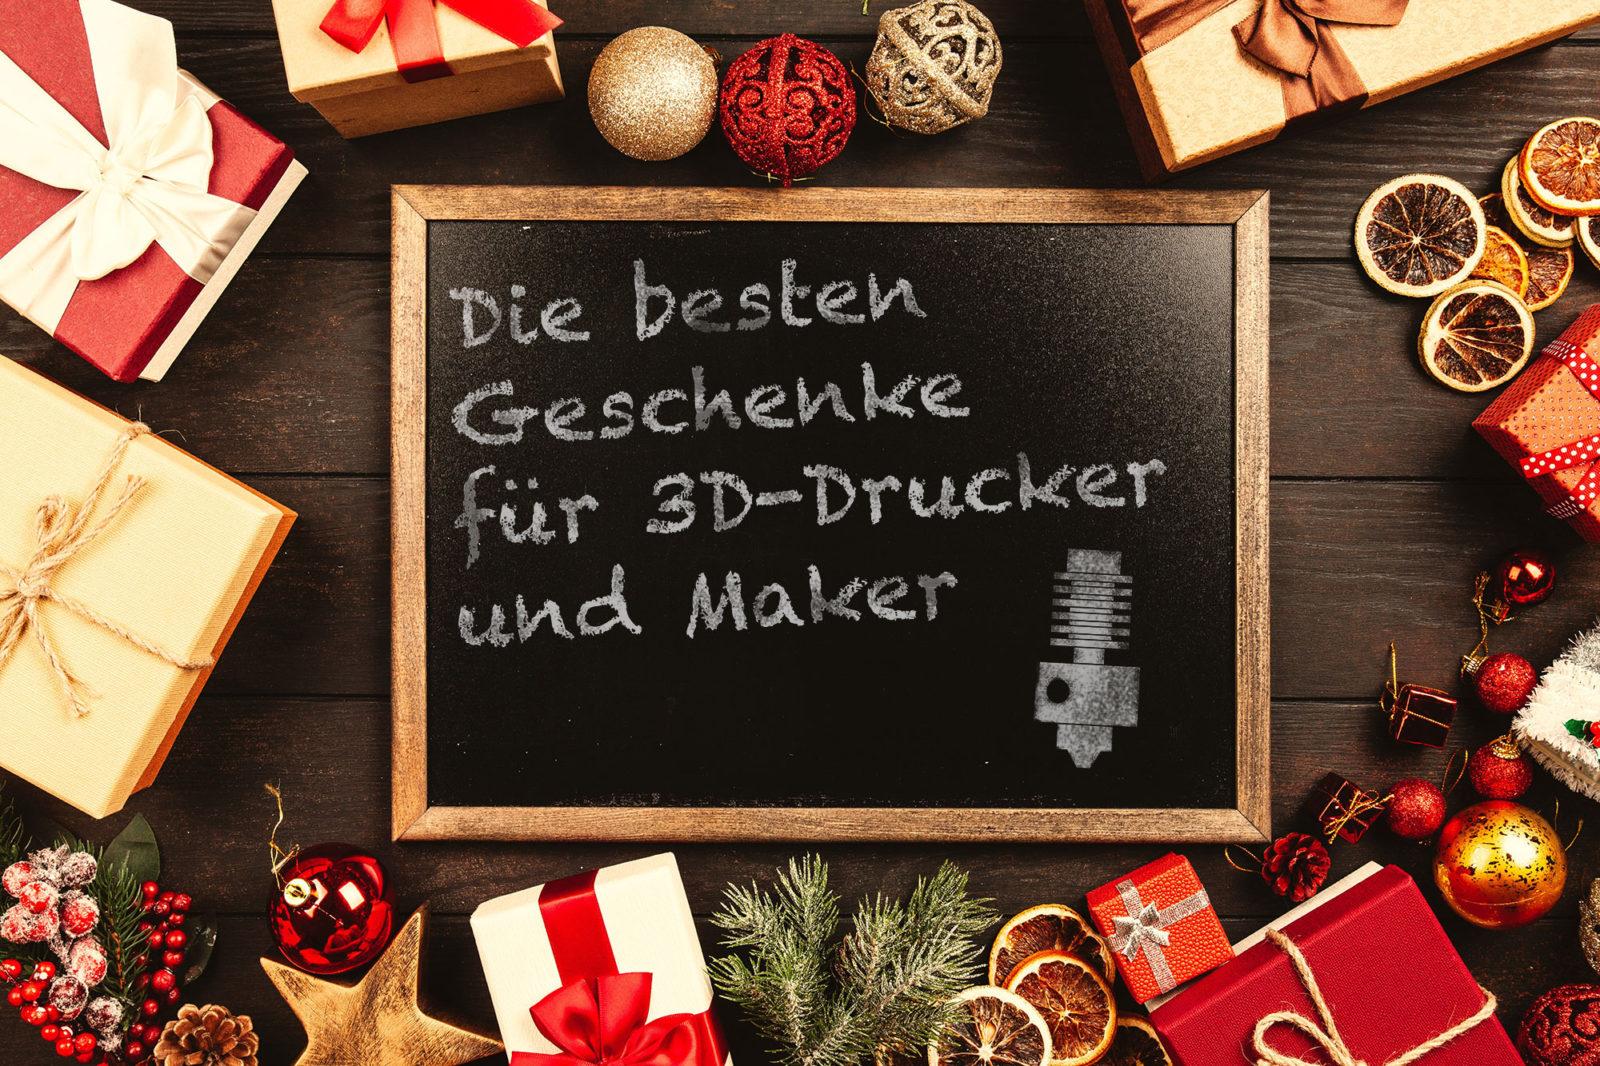 die besten weihnachtsgeschenke für 3d-drucker | 3d-diy